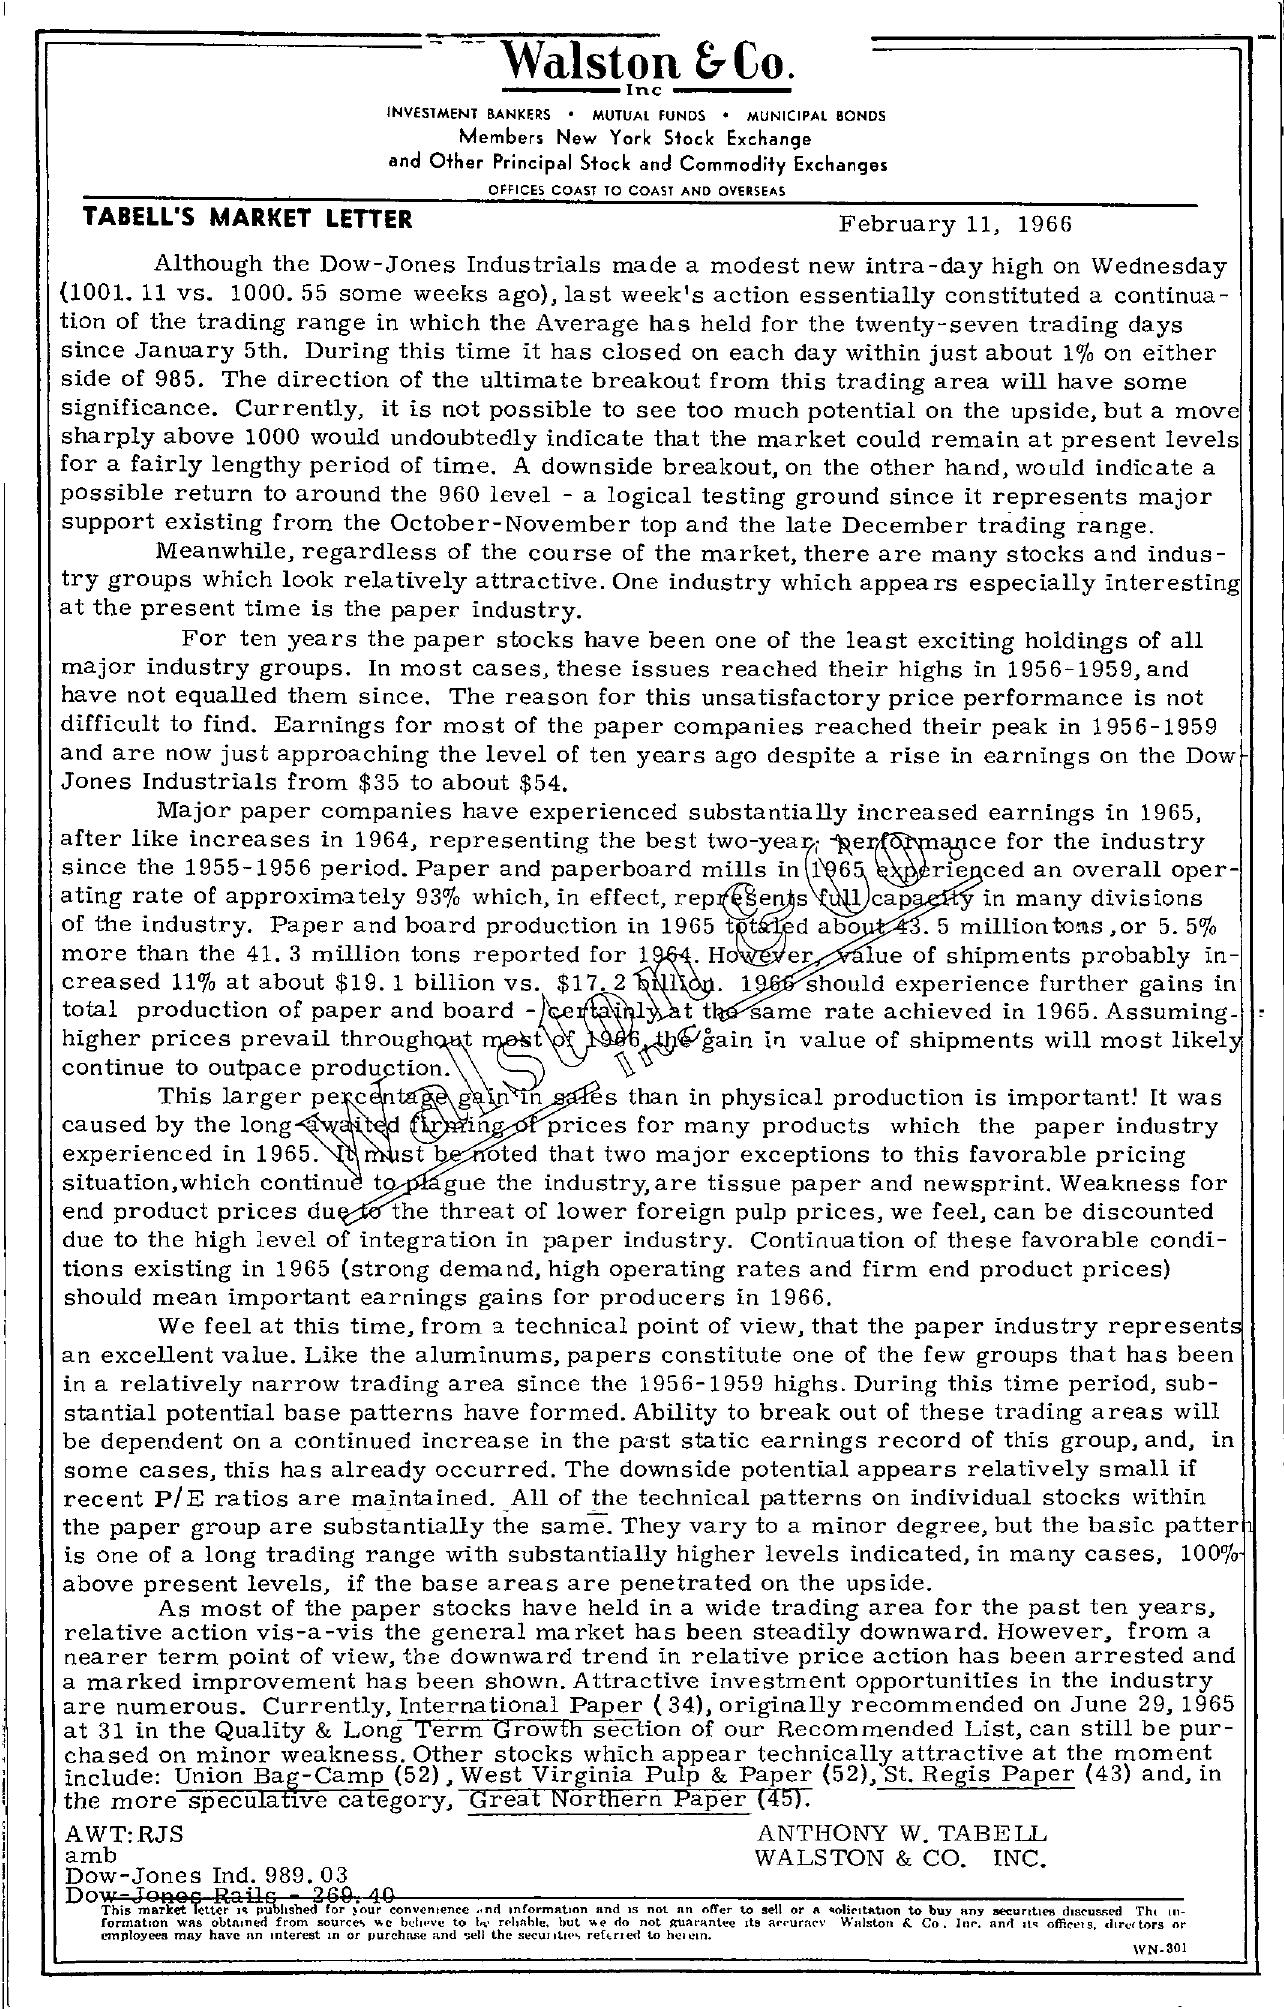 Tabell's Market Letter - February 11, 1966